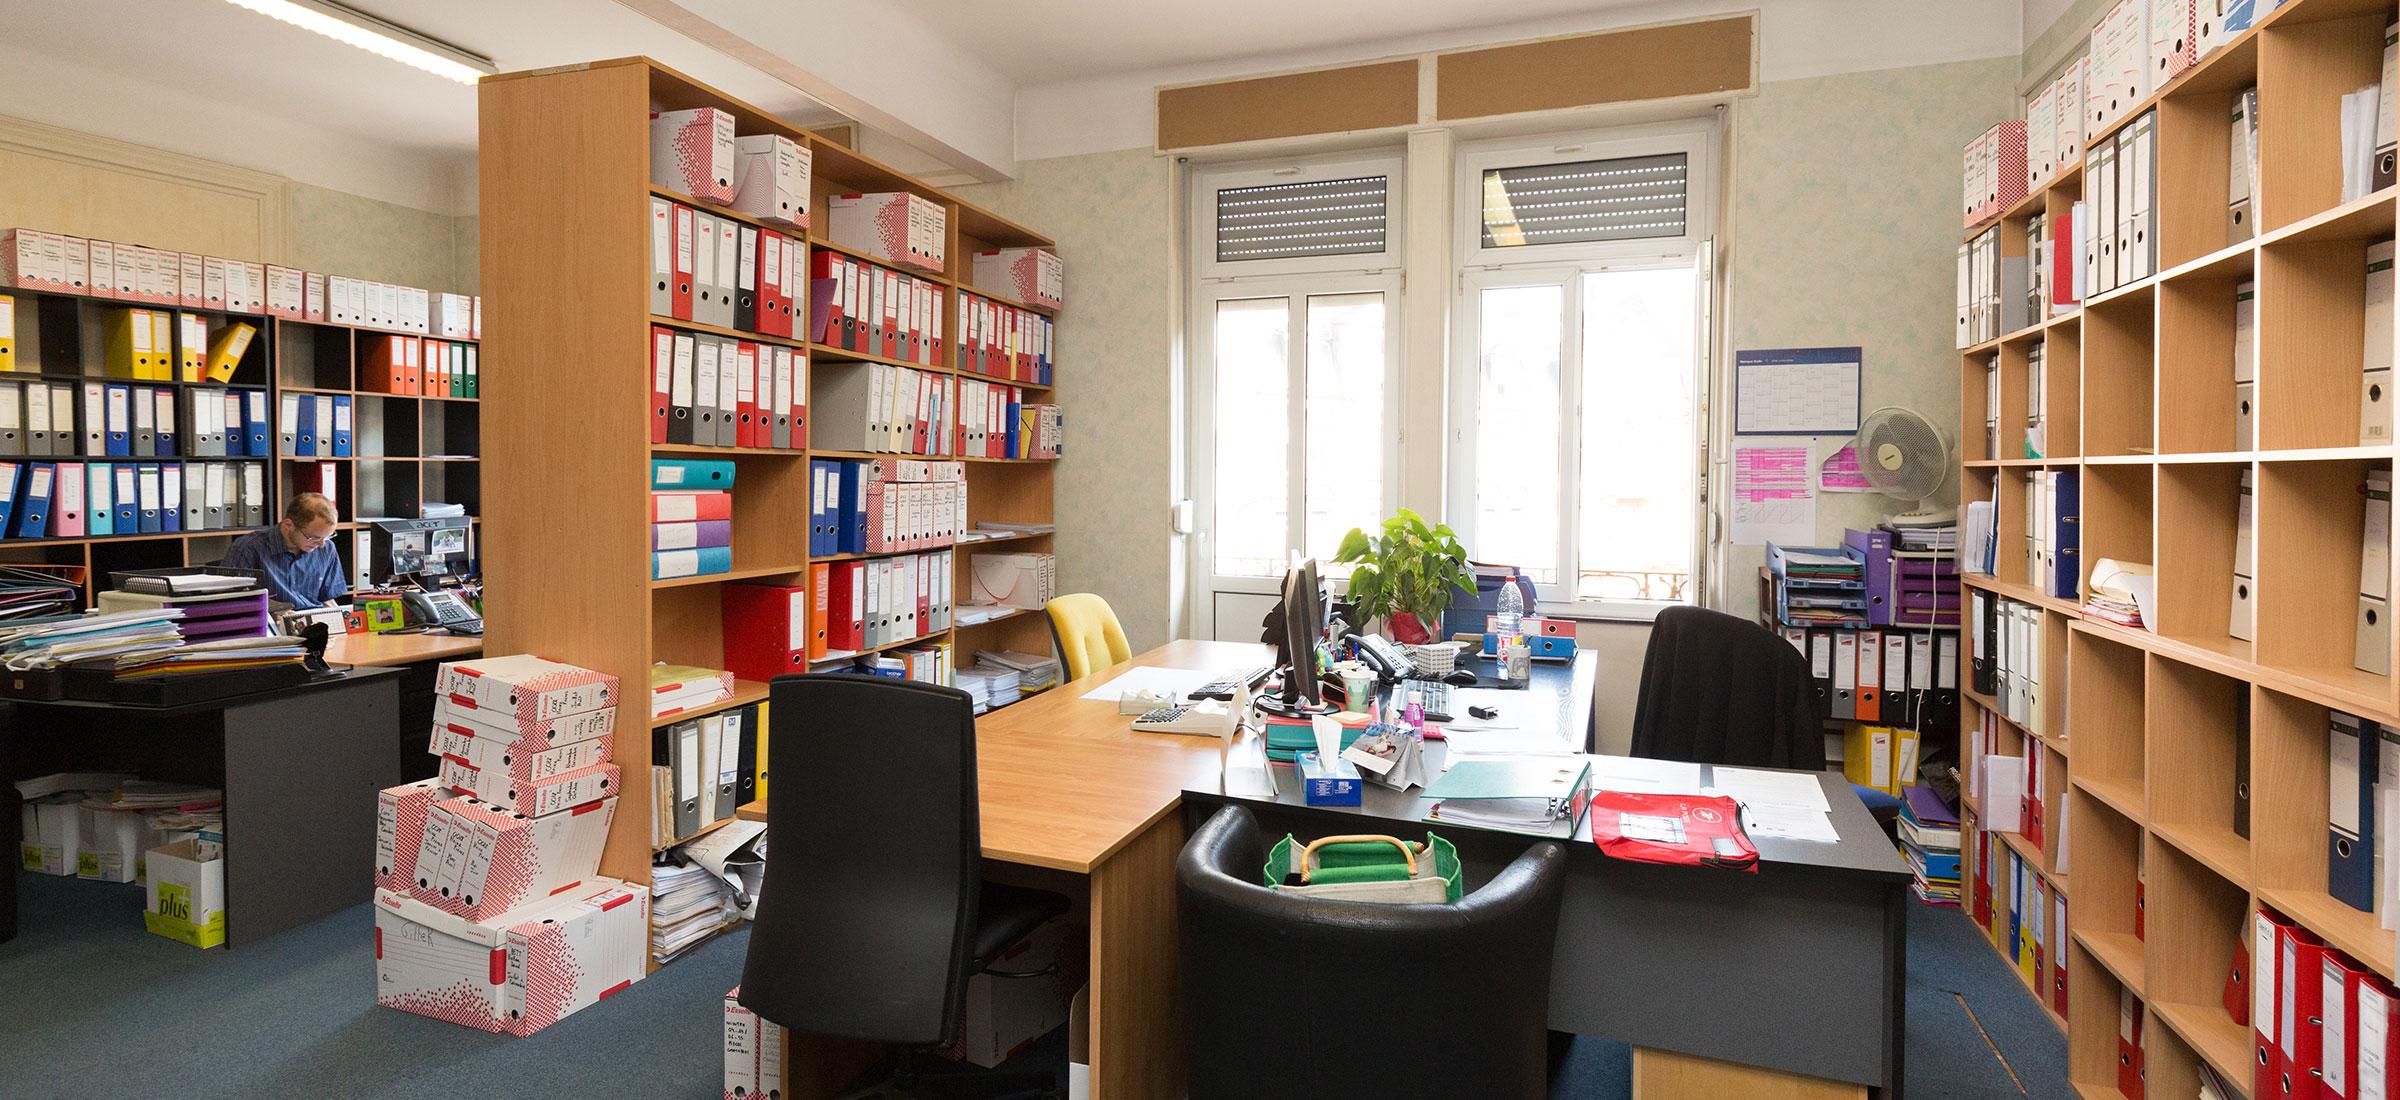 Mission comptabilit cabinet kieffer expert comptable thionville et brioude - Cabinet comptable thionville ...